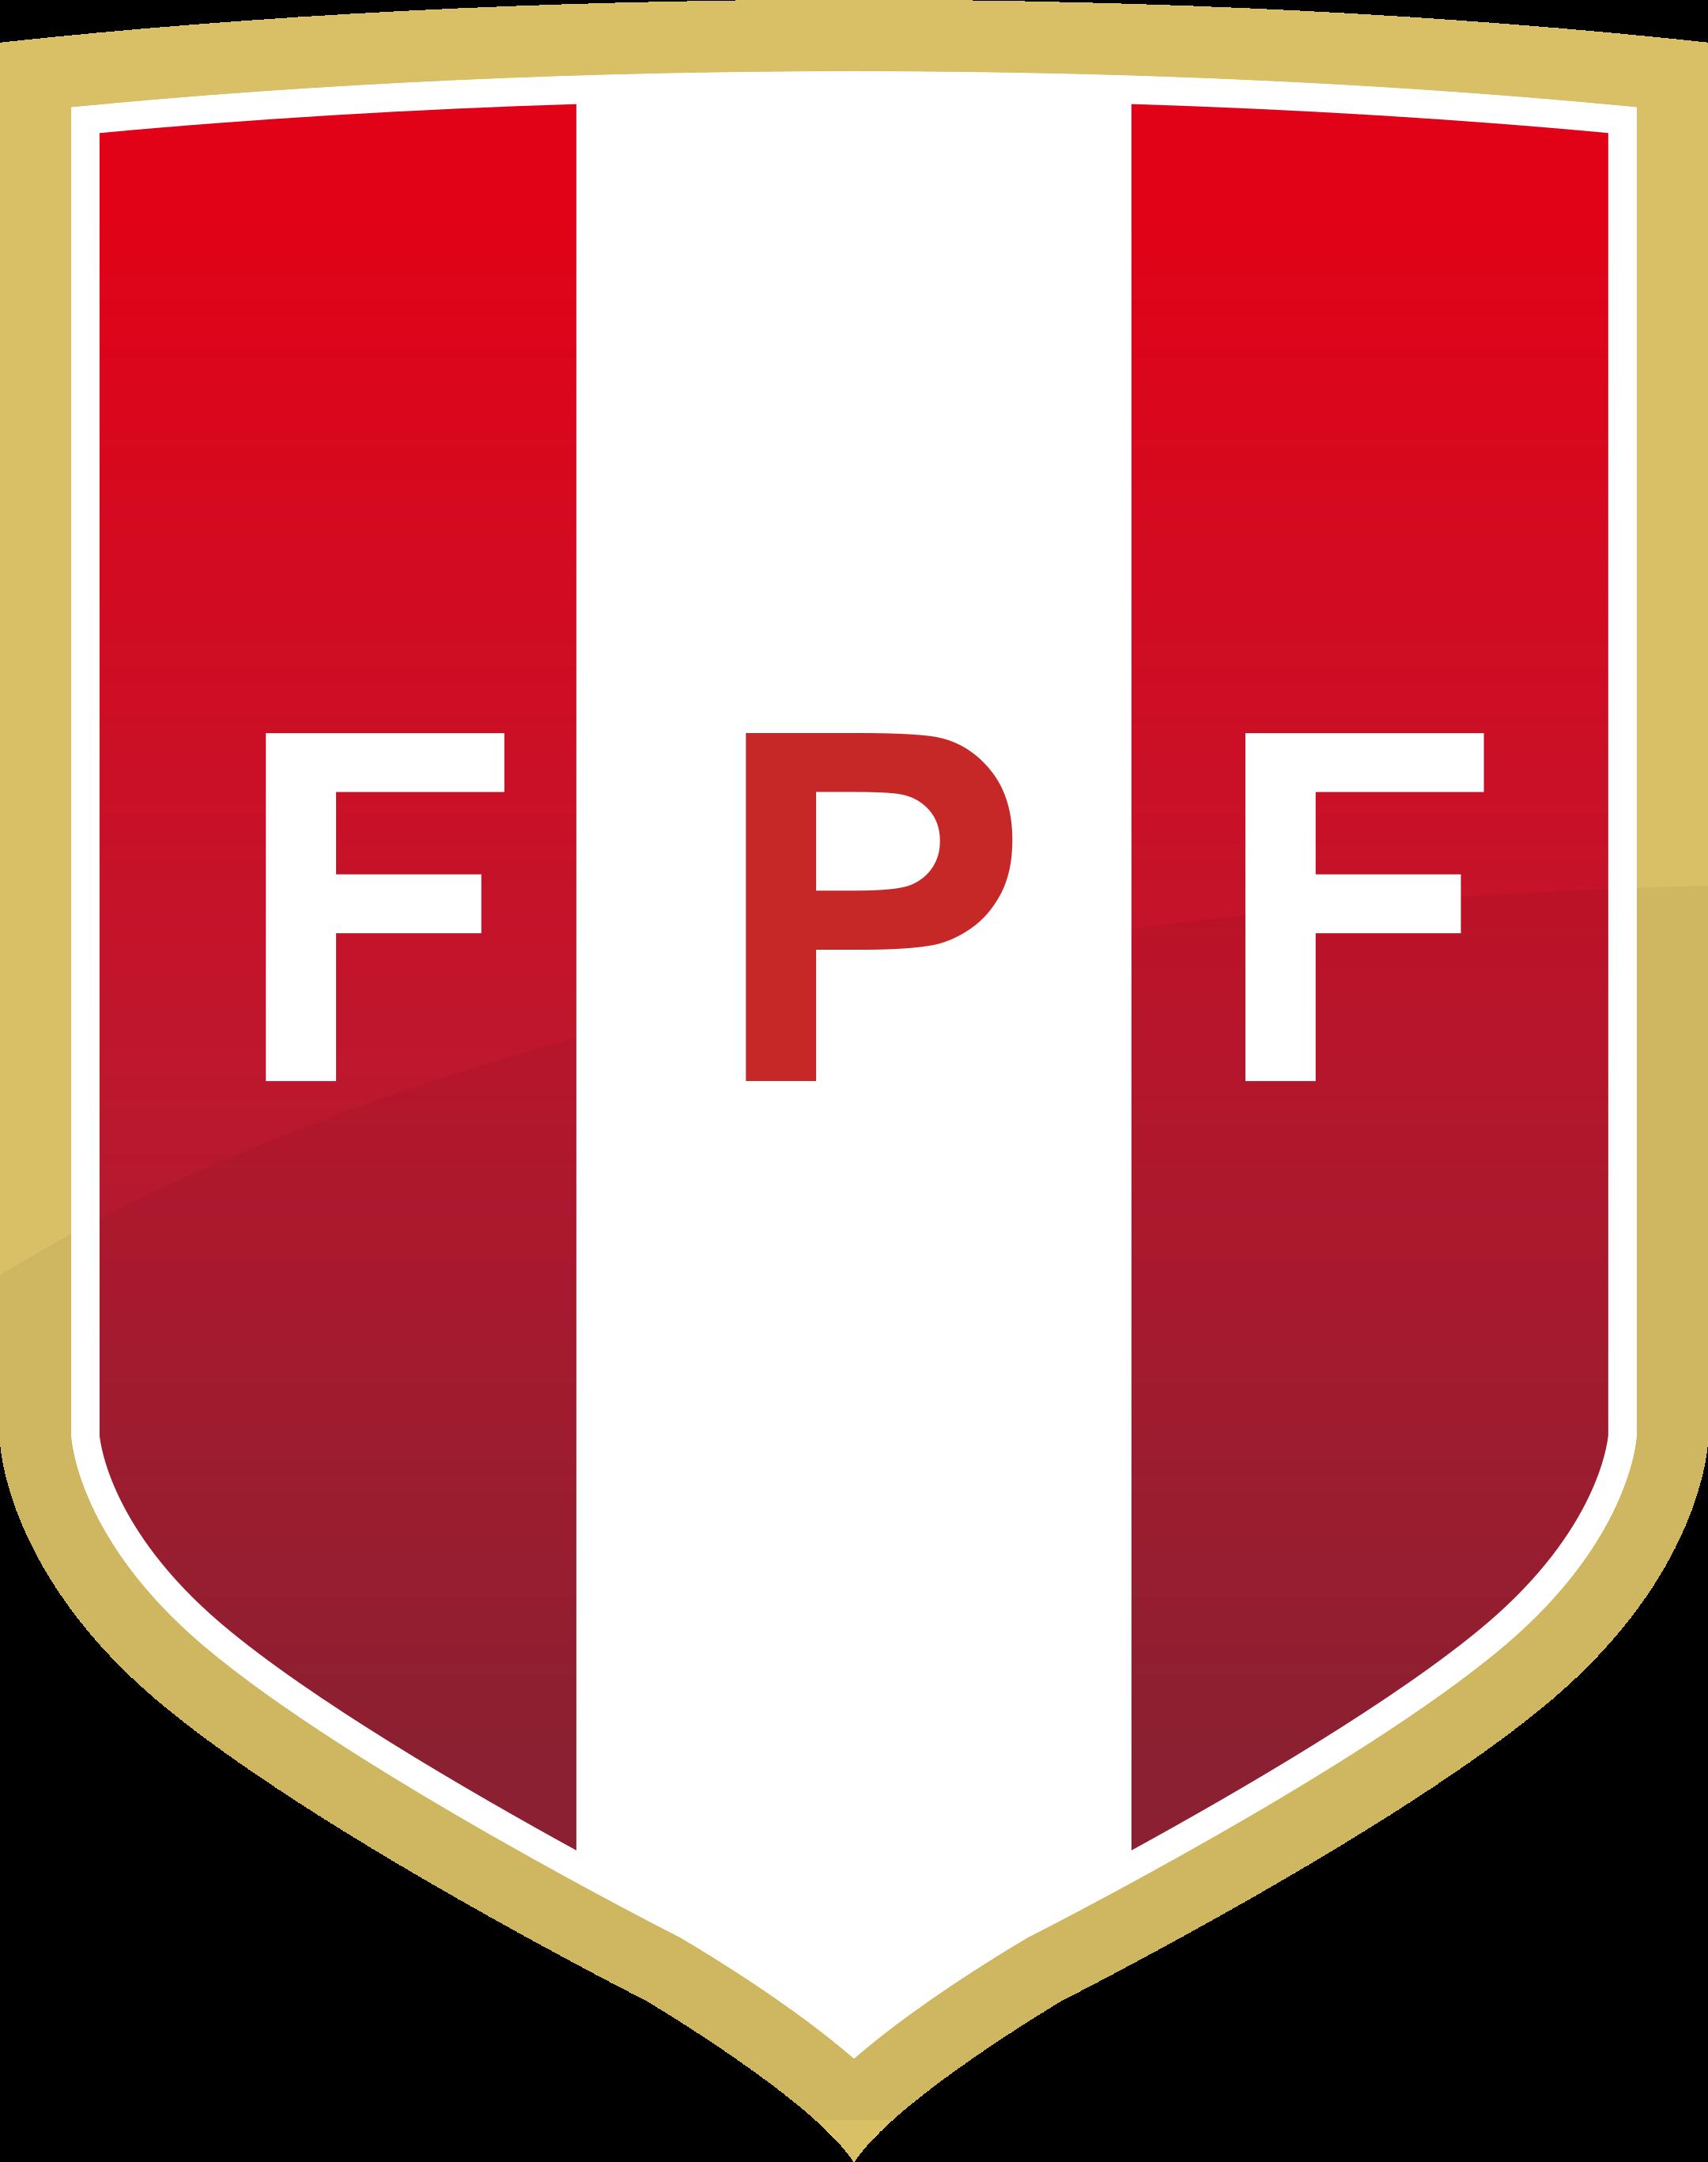 fpf selección de futbol del peru logo 1 - FPF Logo - Seleção do Peru Logo